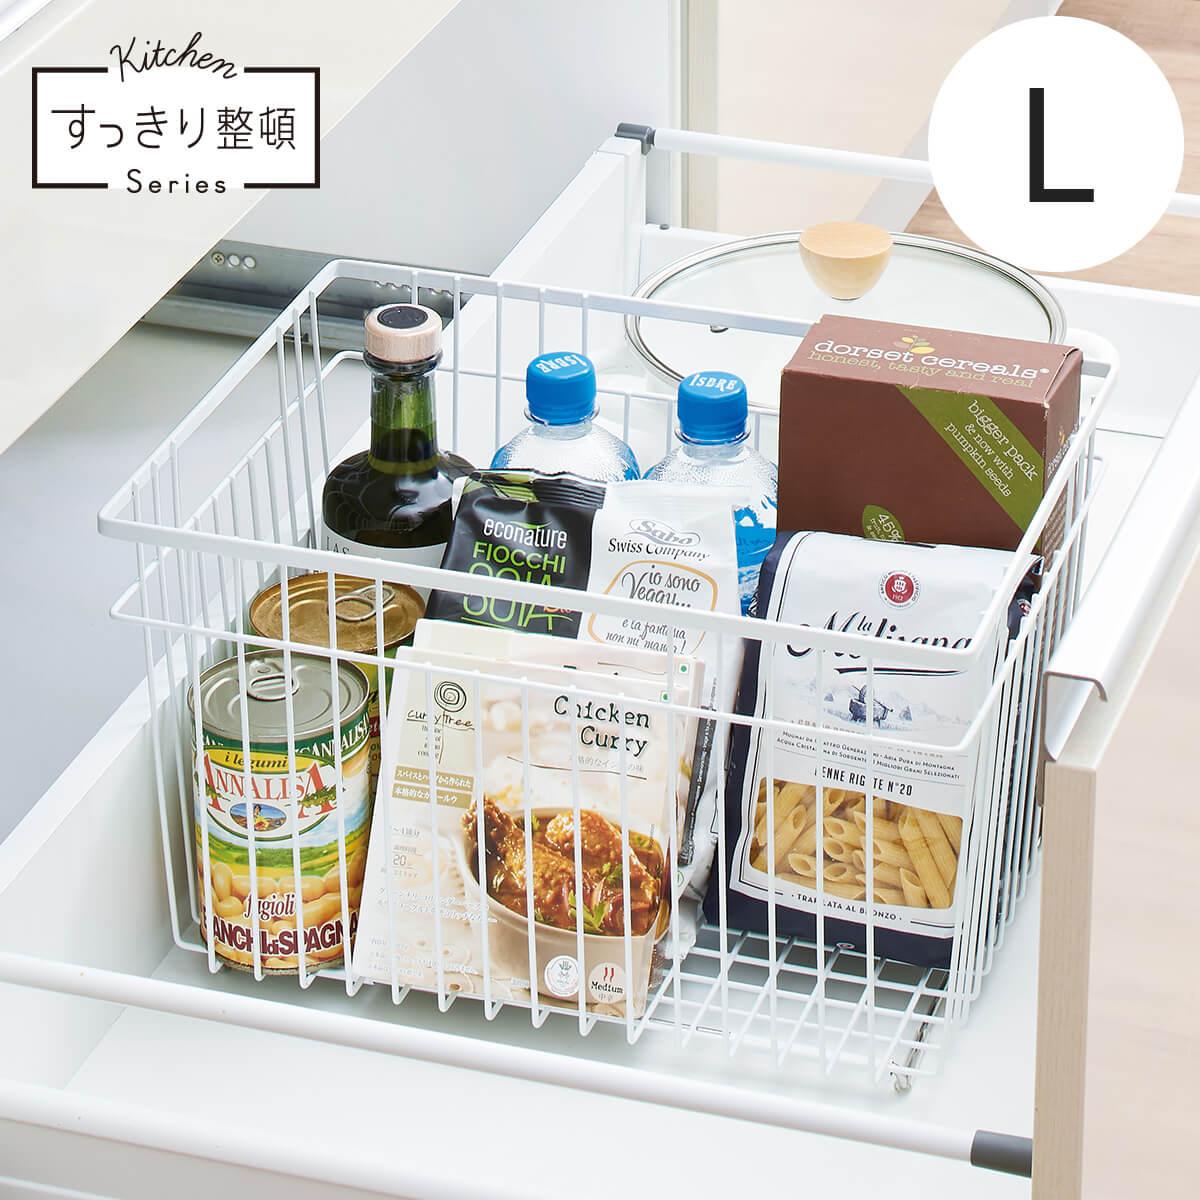 天馬・ファビエ すっきり整頓シリーズ キッチンワイヤーアイテム